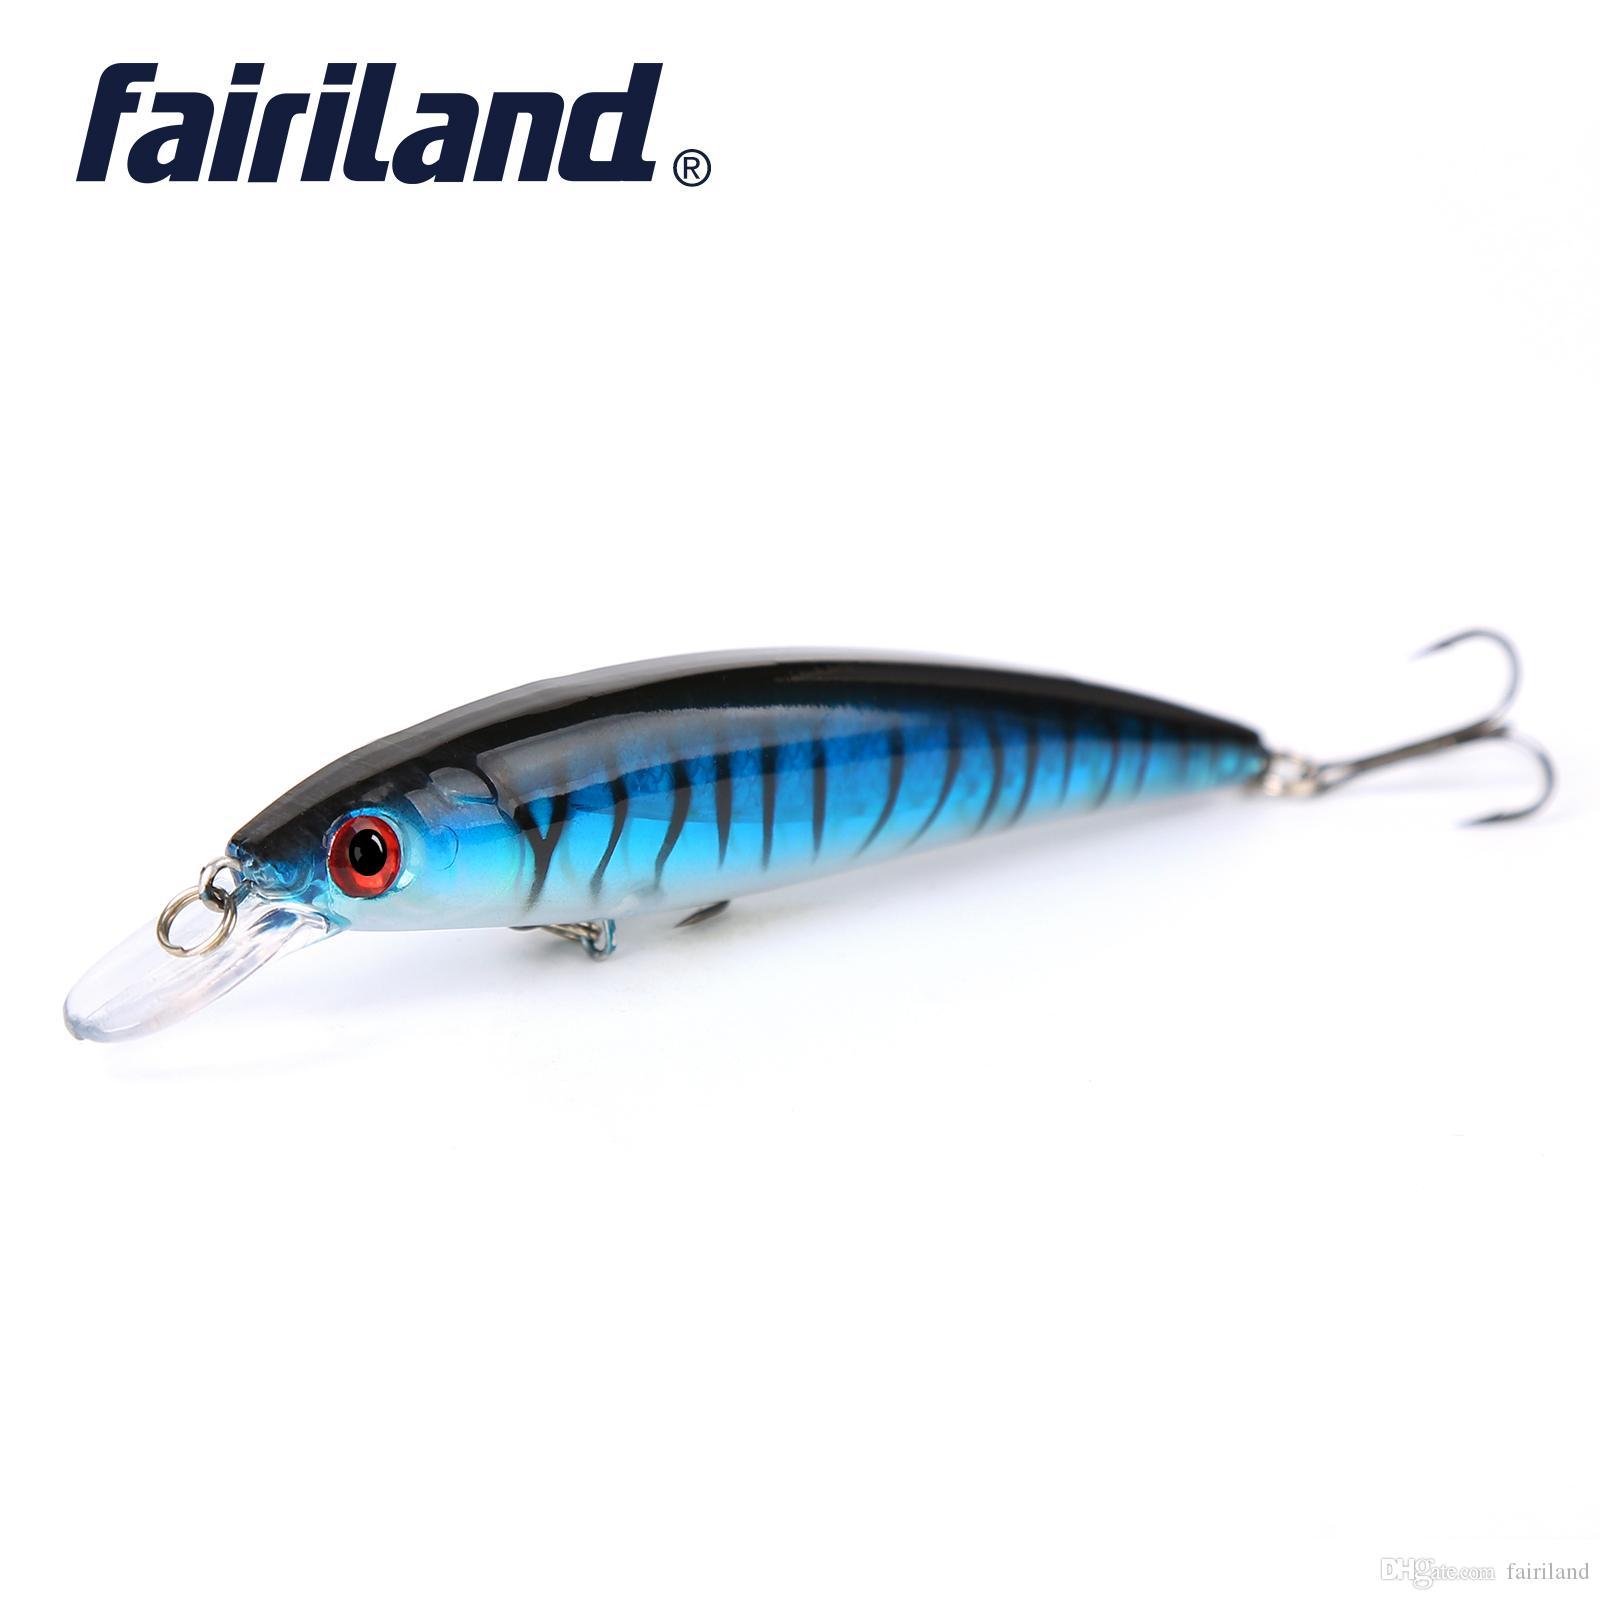 1 pcs minnow isca de pesca 13.5g / 0.48oz 11cm / 4.3in estilo clássico Minnow Baic Isca de pesca Enfrentar o frete grátis